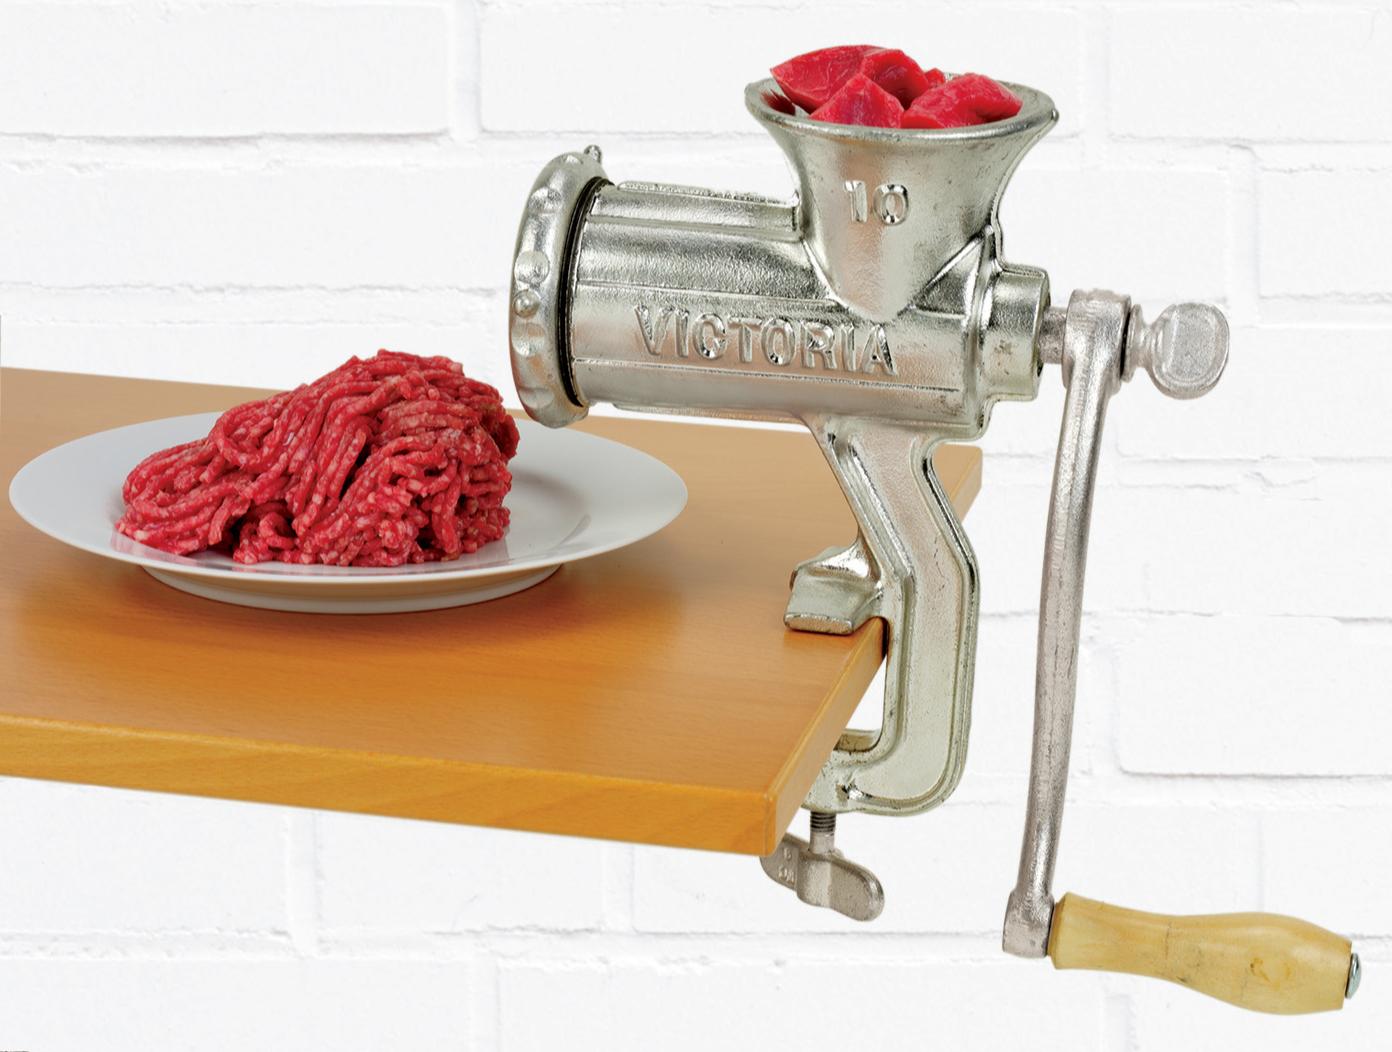 Как правильно вставлять нож в мясорубку